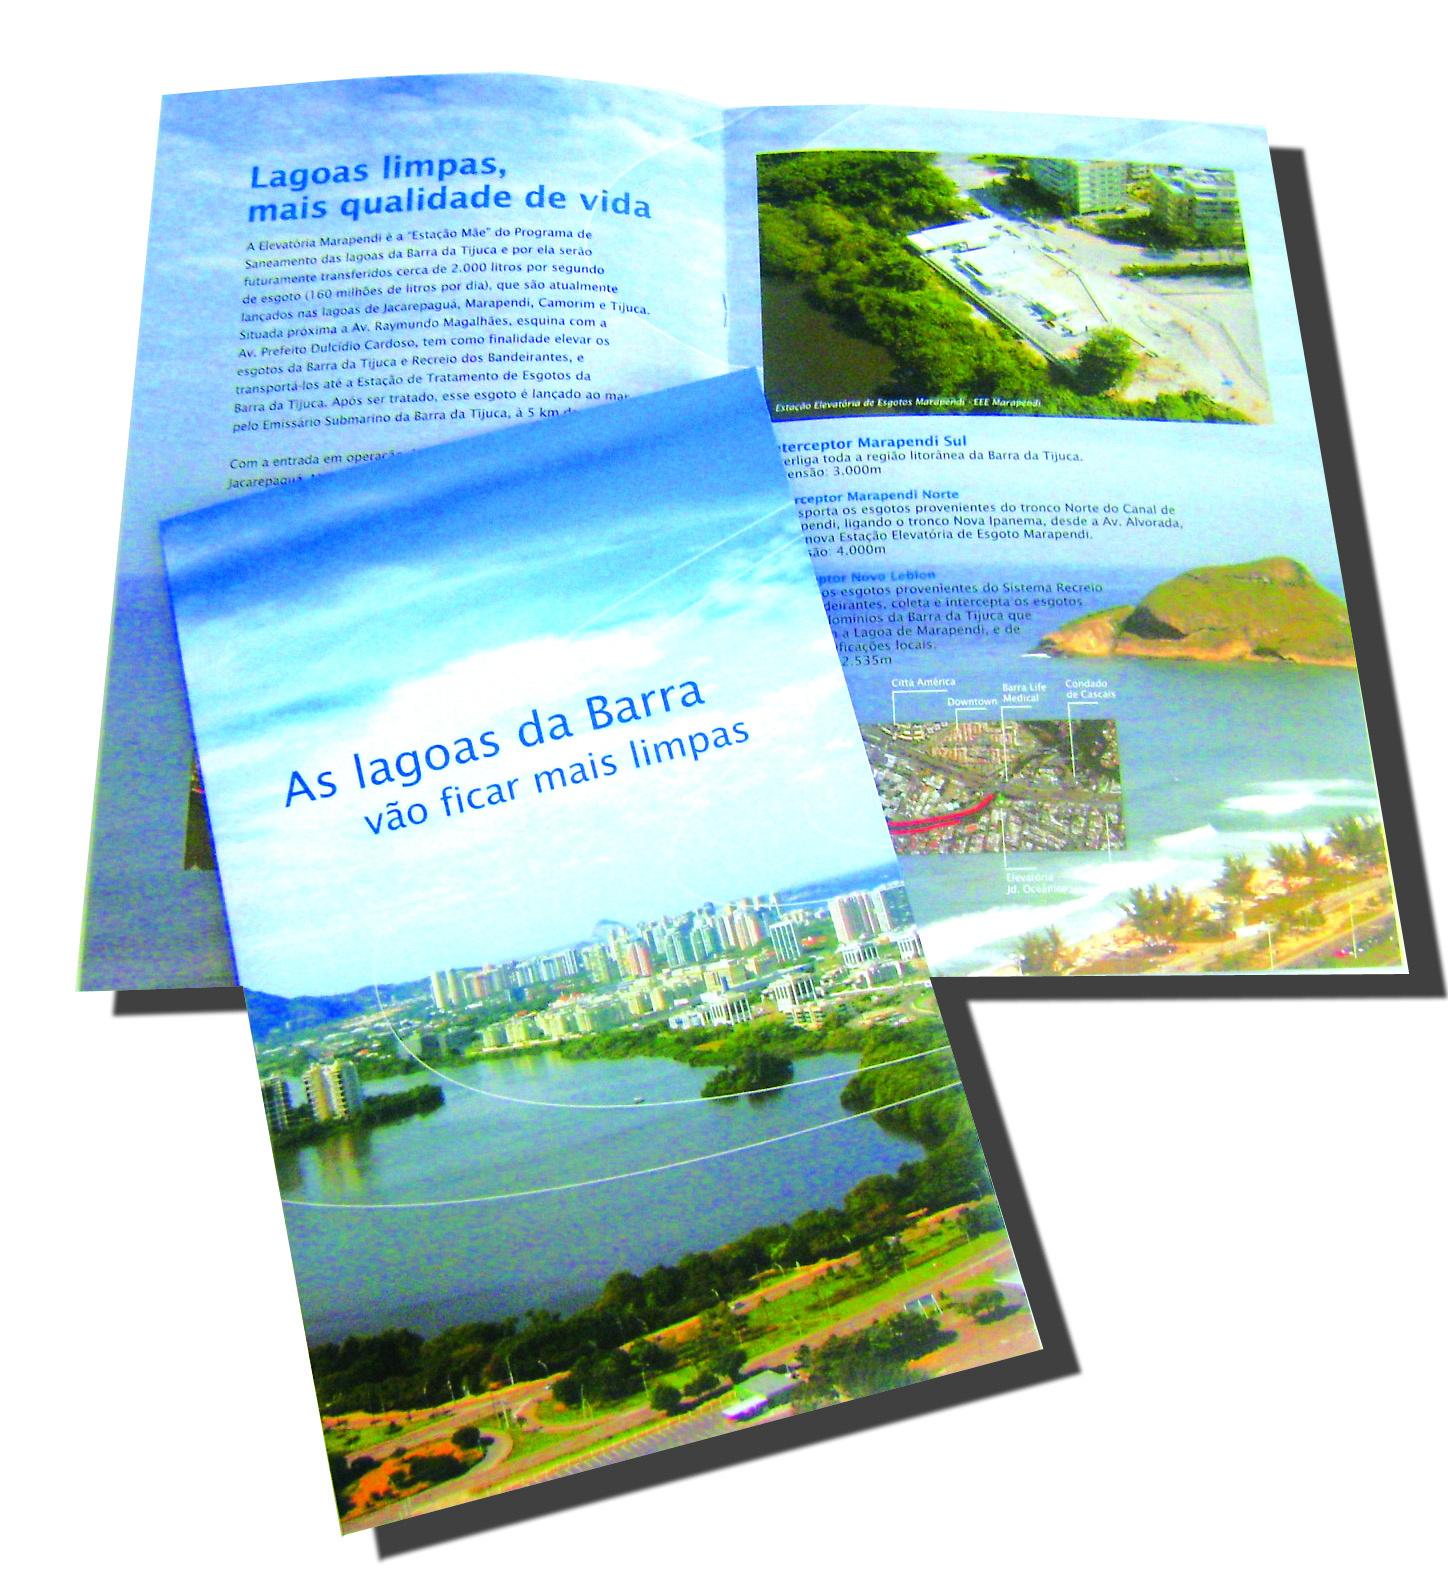 Lagoa da Barra da Tijuca RJ